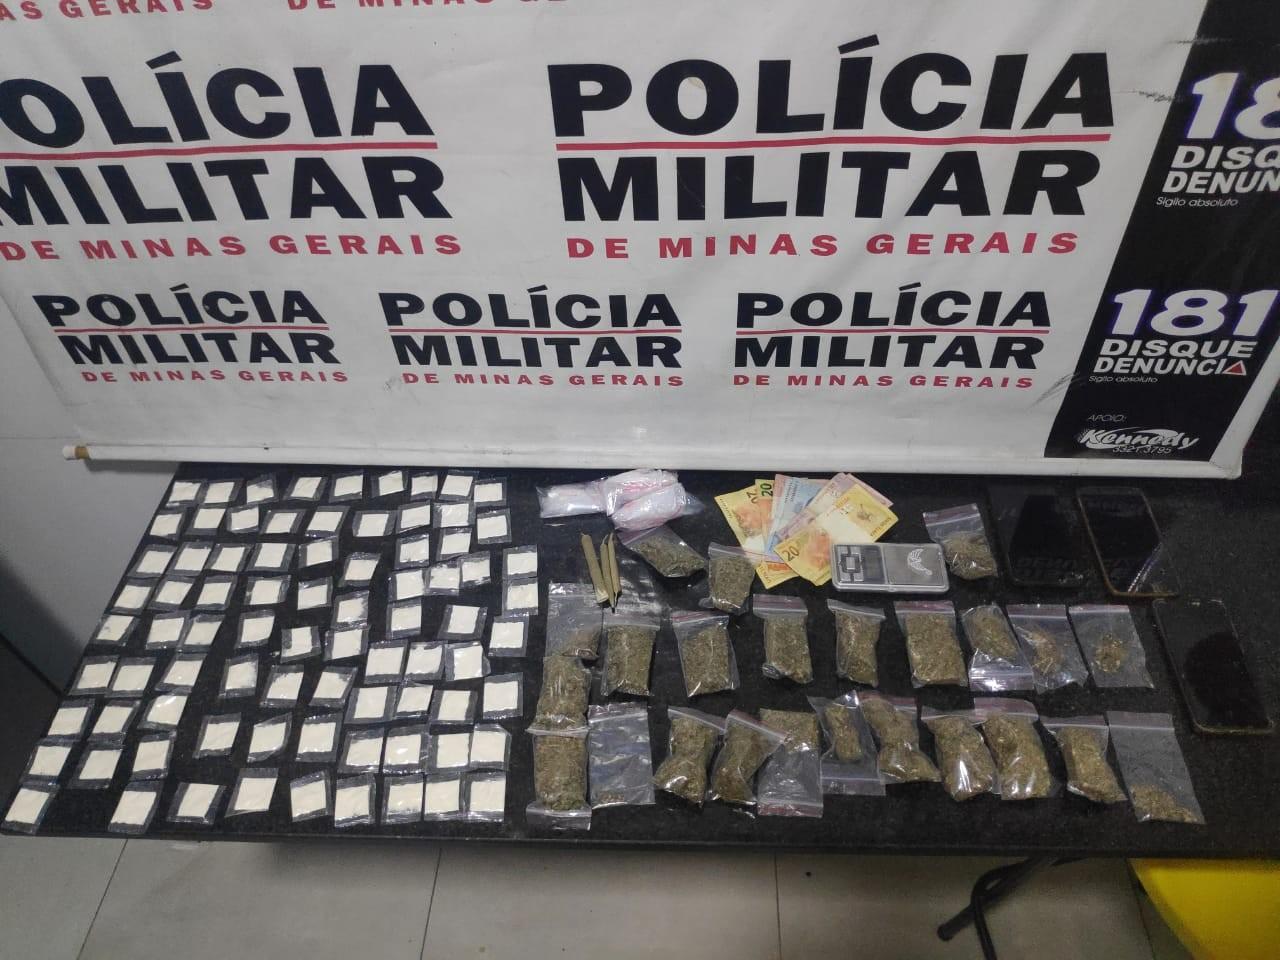 Grupo é detido com maconha e mais de 80 papelotes de cocaína em Formiga